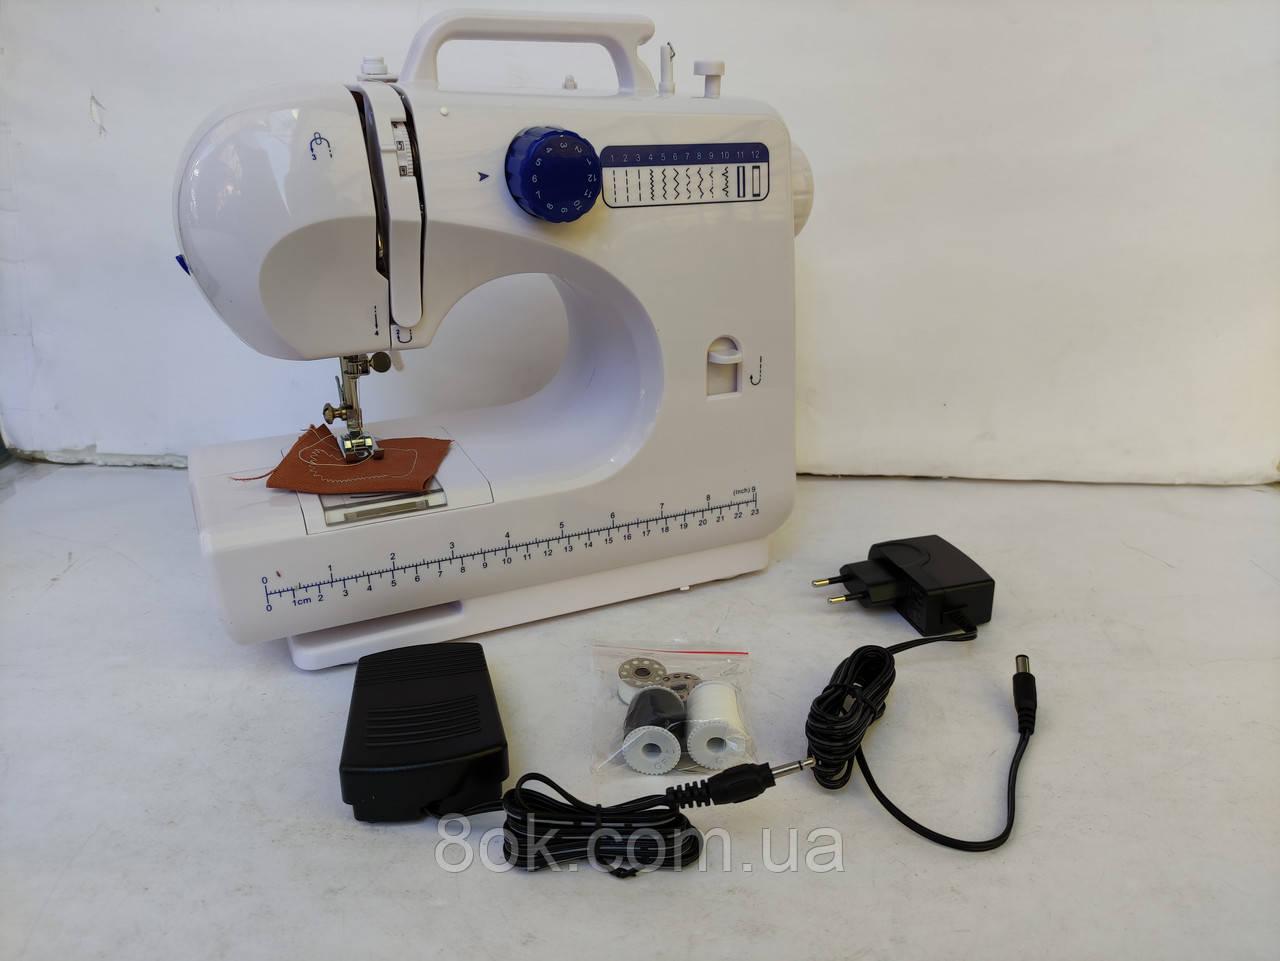 Швейна машинка 12 в 1 FHSM 506 1251